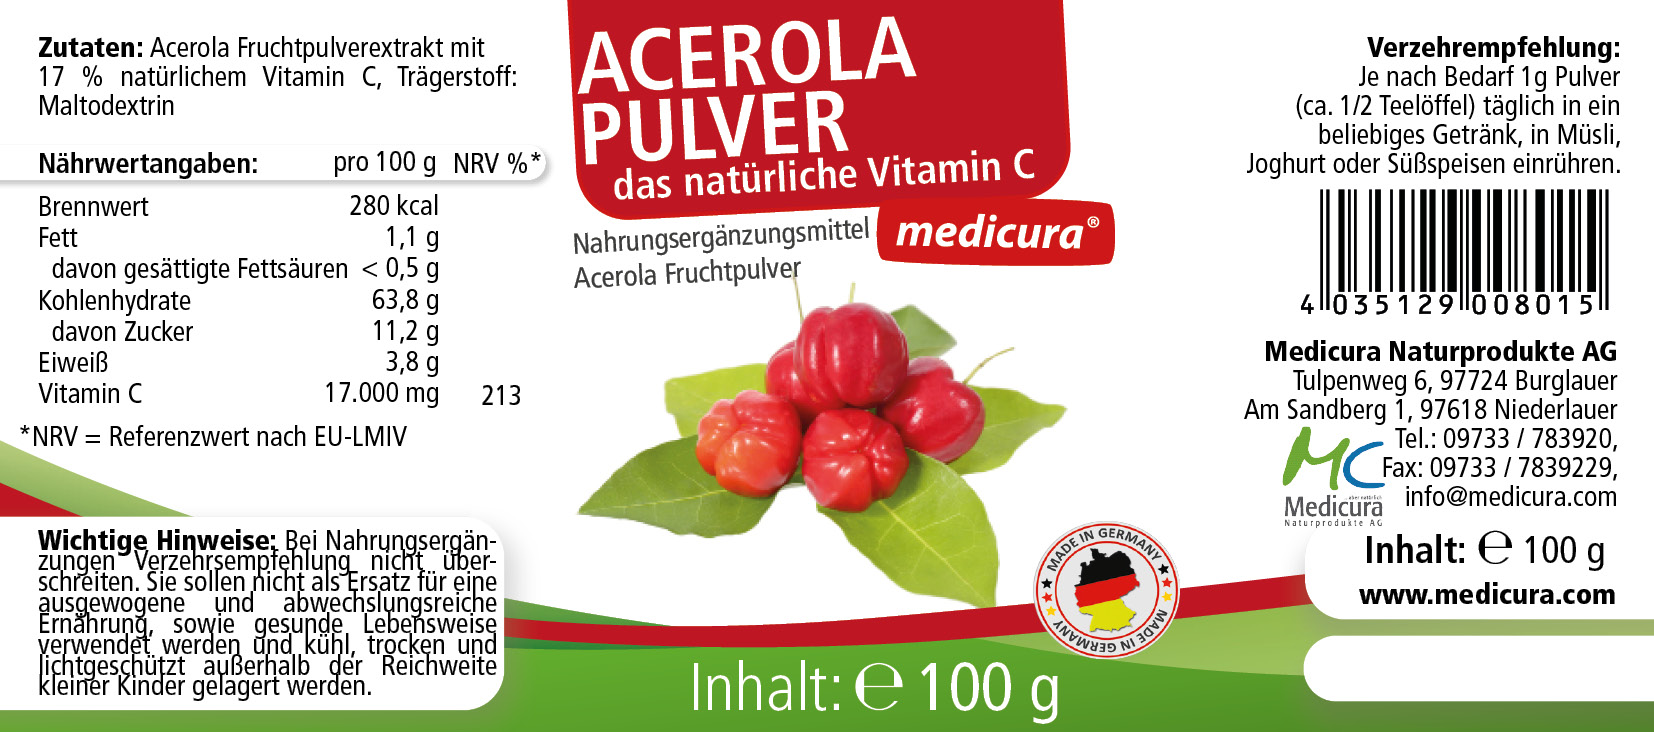 Acerola Pulver